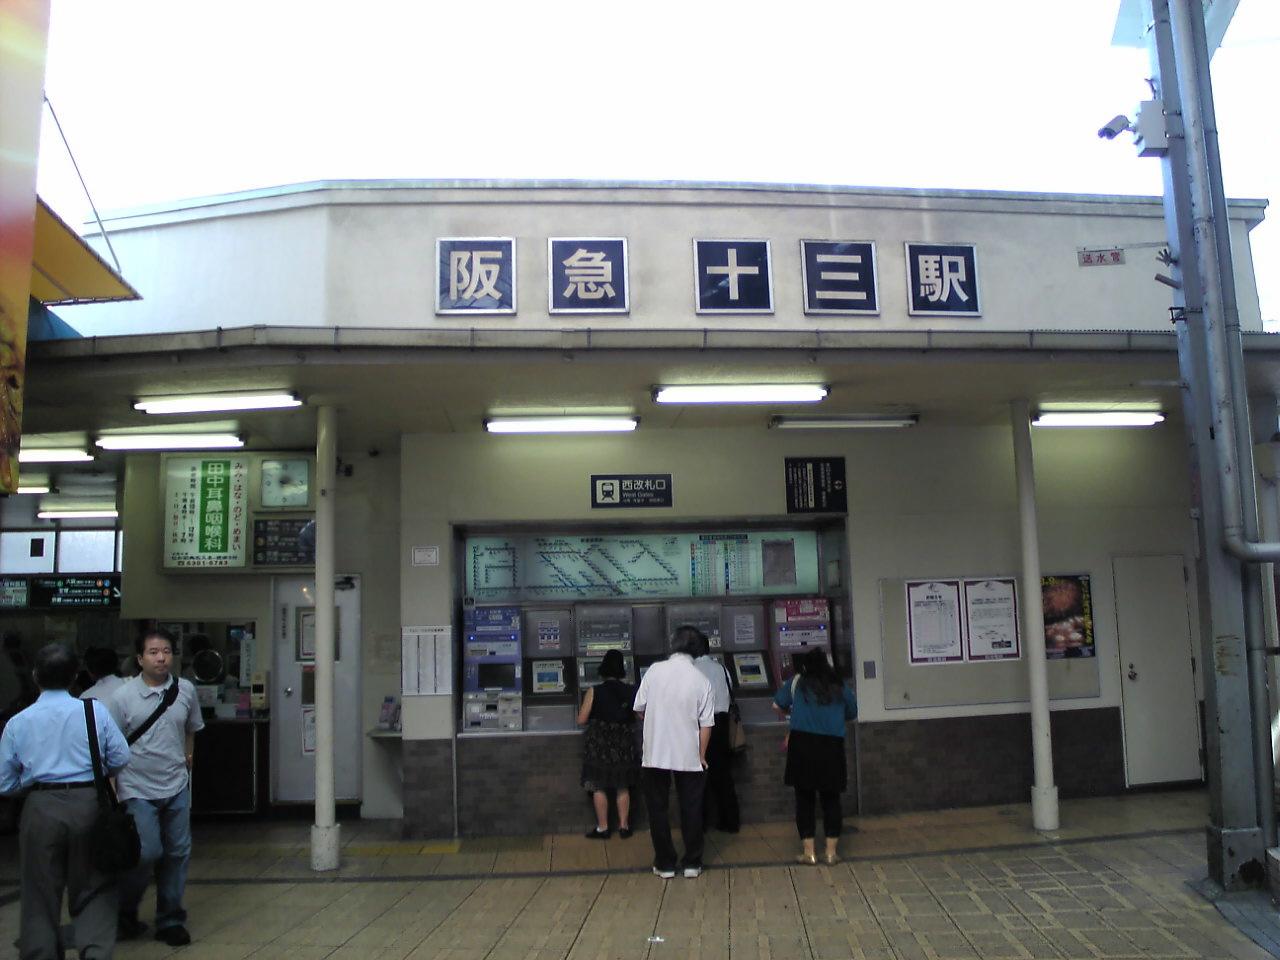 http://pds2.exblog.jp/pds/1/200808/12/89/f0109989_23265347.jpg